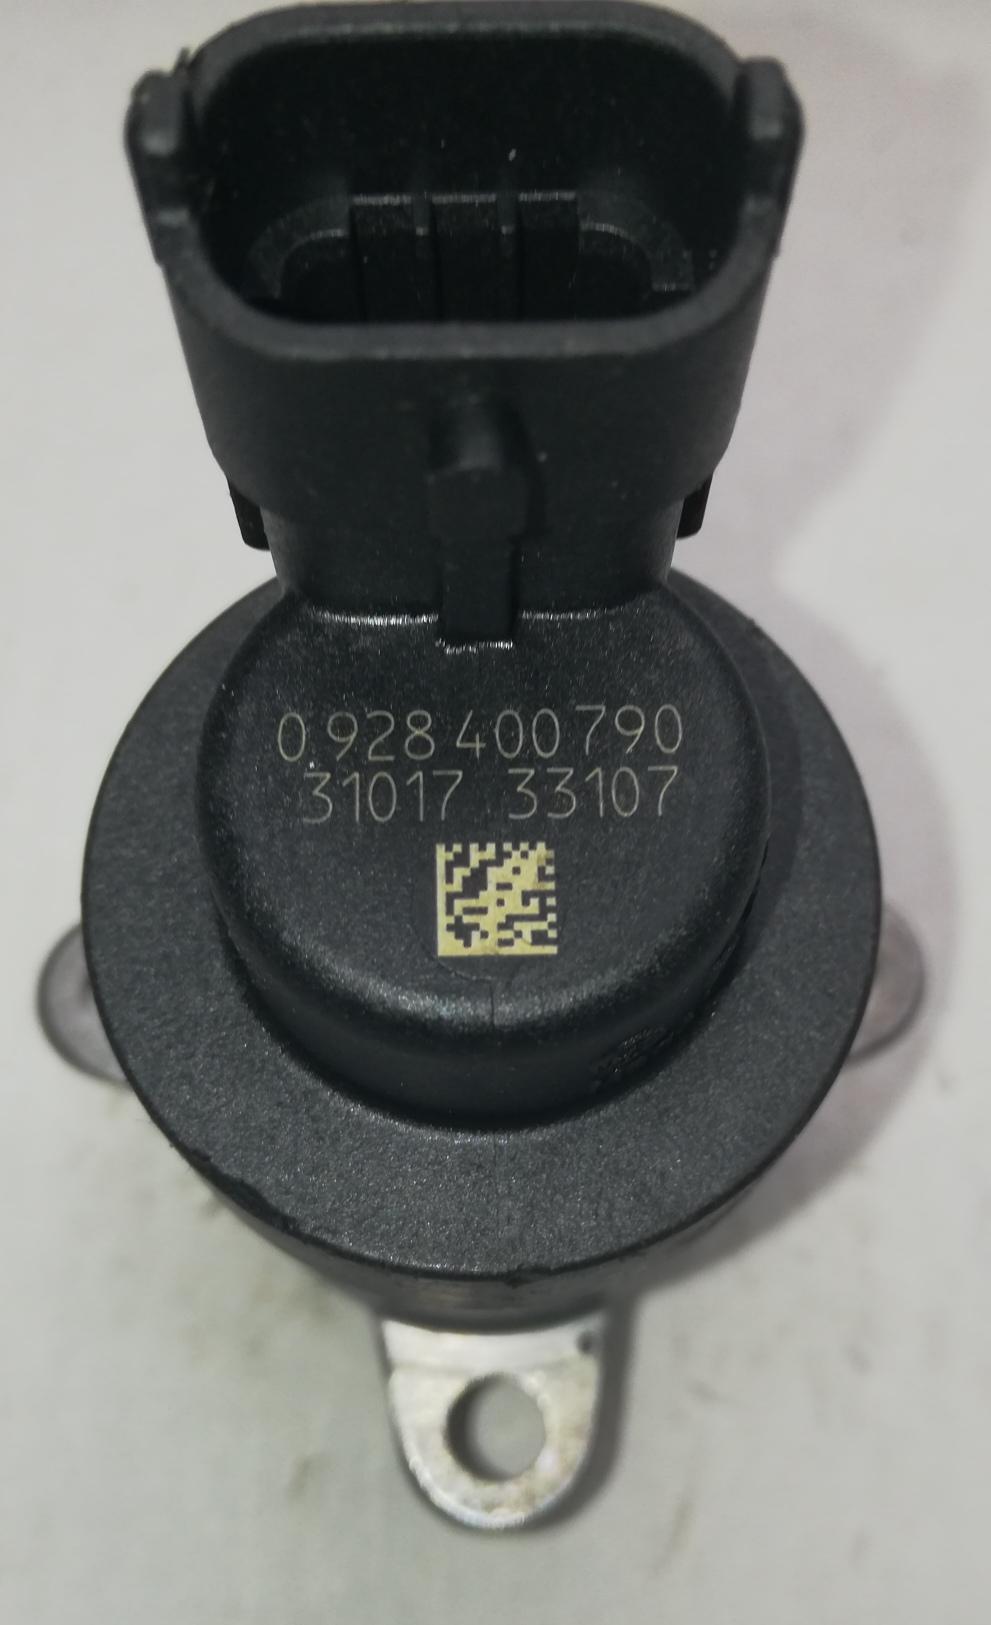 Nowy zawór regulacji ciśnienia 0928400790